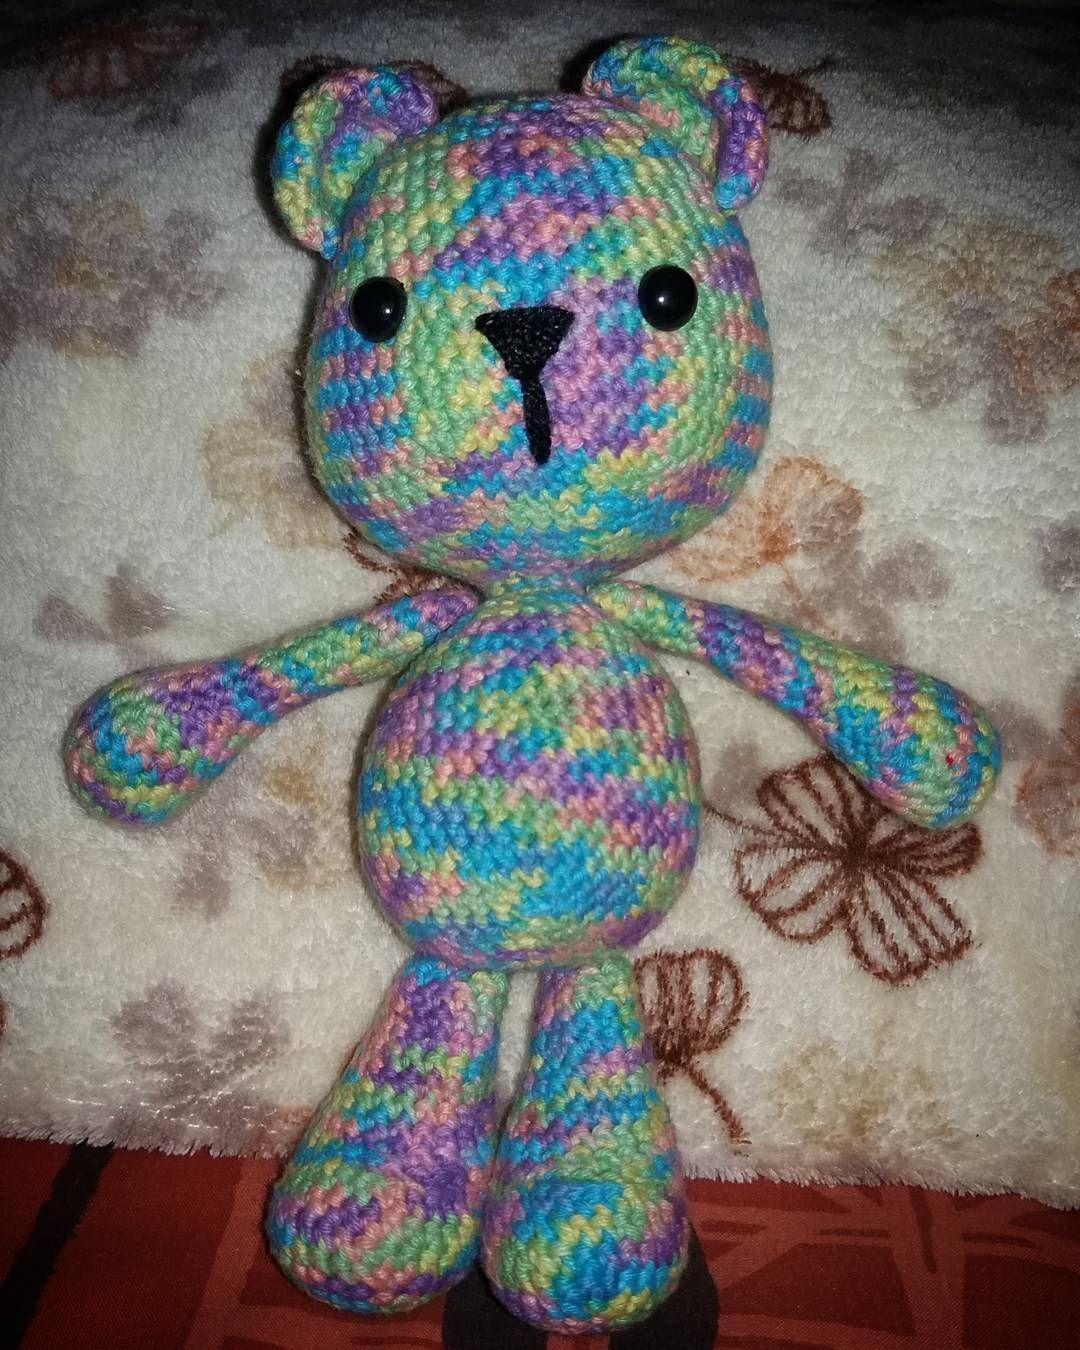 nicolemp17:: Otro de mis pendientes terminado! Este osito lo tenía hace meses sin piernas y orejas. Peroooo ya esta!    Patrón: @esunmundoamigurumi  Hilo: Sole de @hiladoslho  Crochet: 3 mm  #crochet #crochetersofinstagram #crochetaddict #amigurumi #amigurumidoll #bear #amigurumibear #handmade #hechoamano #hechoconamor #hechoenchile #elclubganchillero